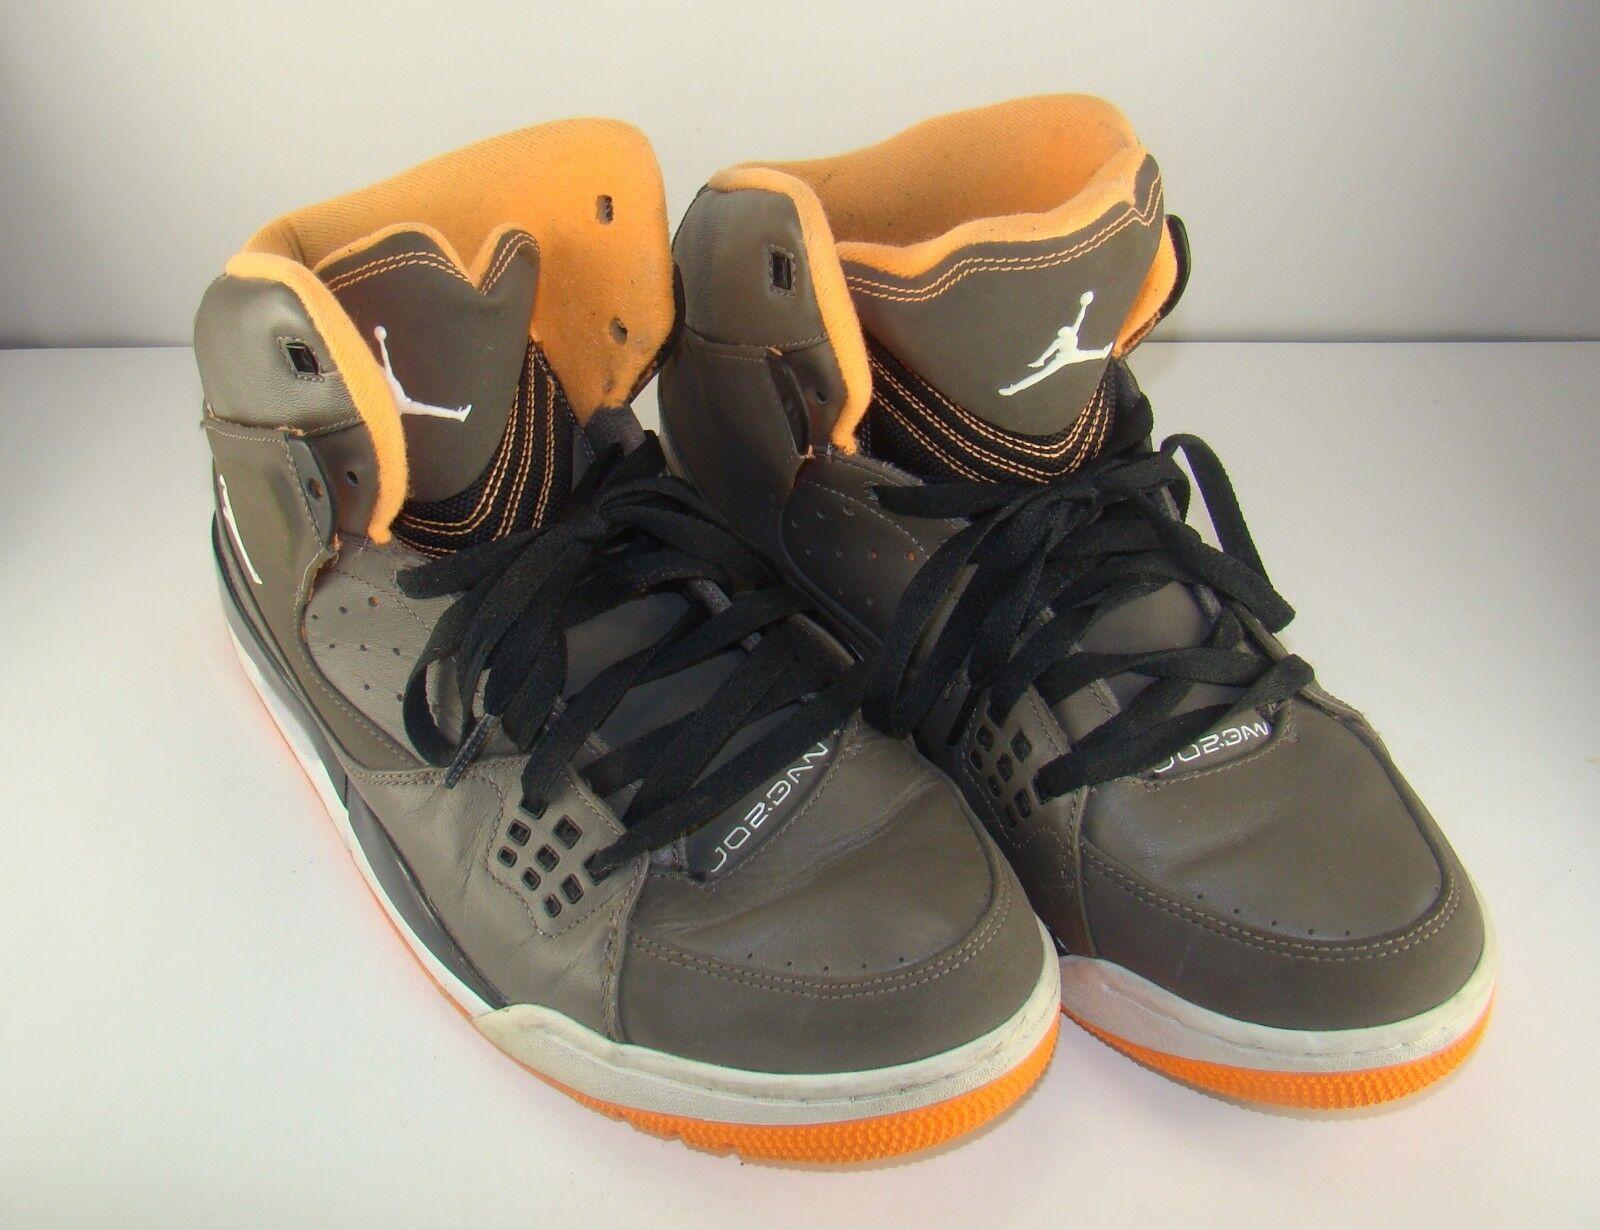 Brand discount Men's Nike Air Jordan Olive Khaki Orange High Tops Sneakers Shoes 11